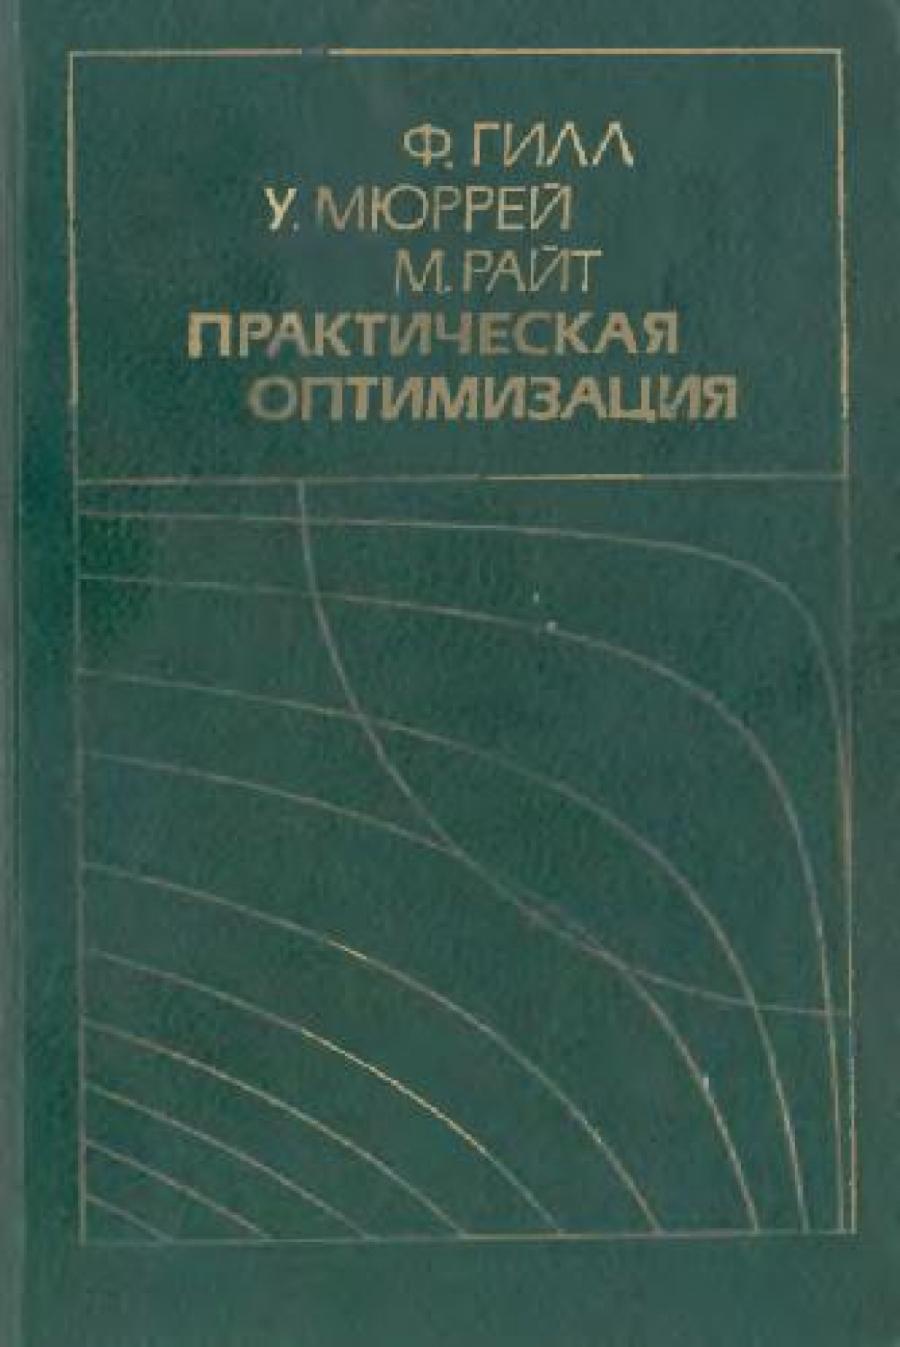 Обложка книги:  ф. гилл, у. мюррей, м. райт - практическая оптимизация